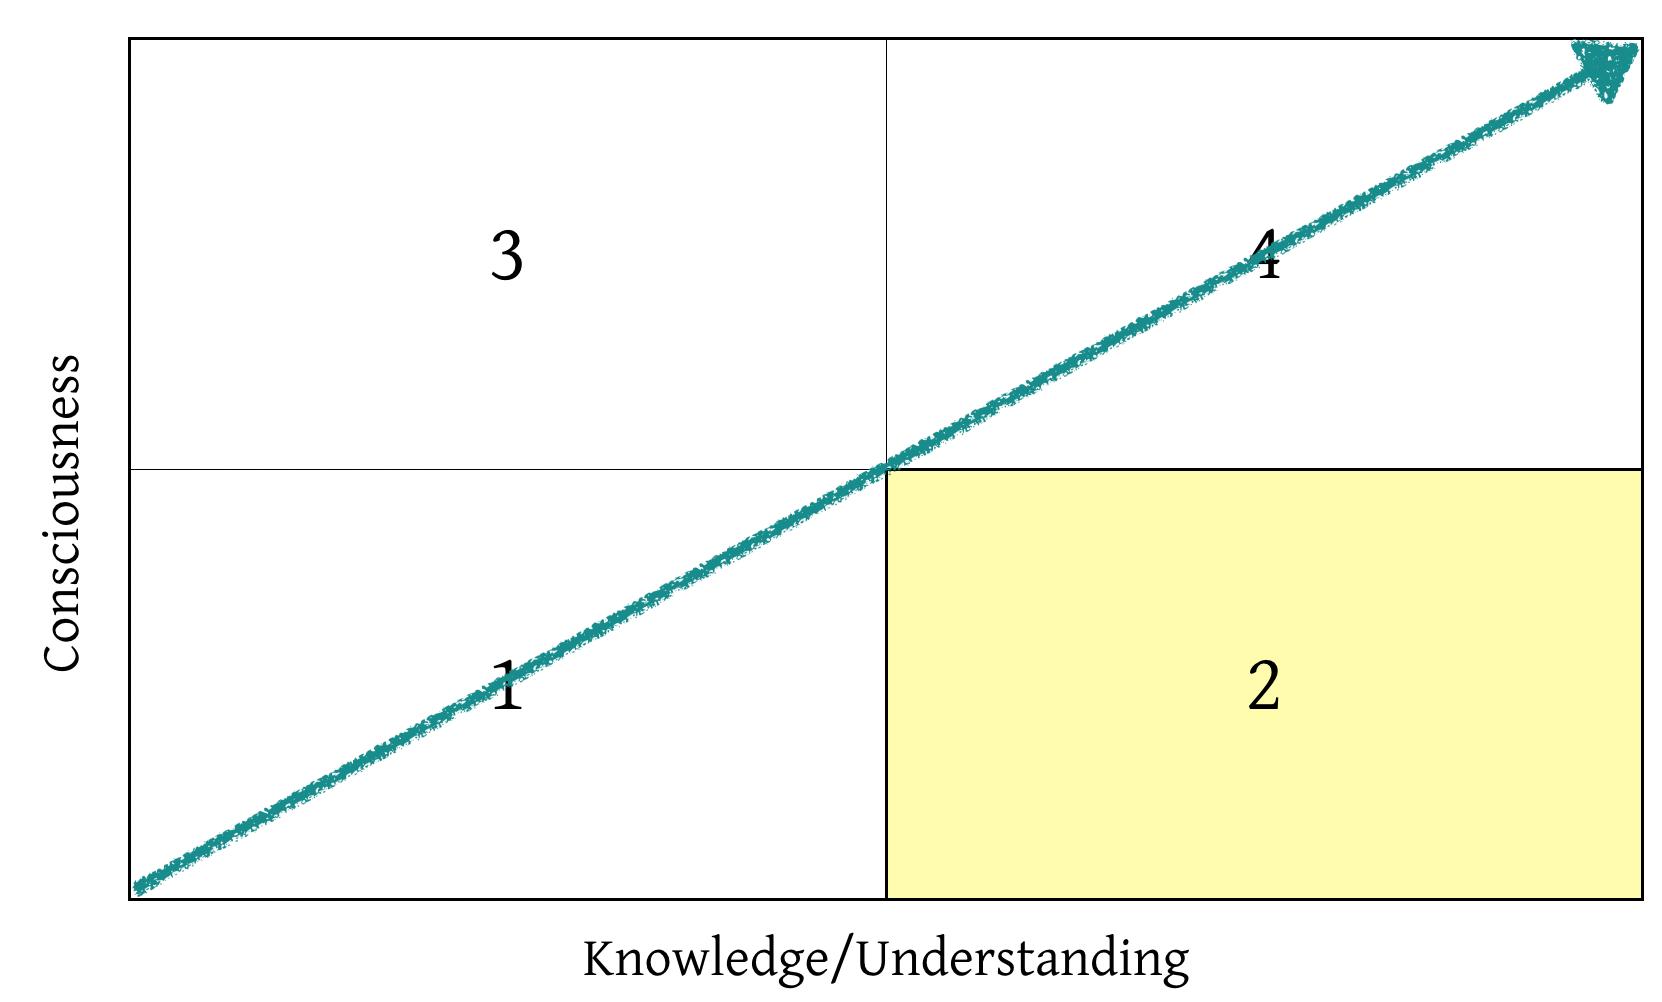 consciousness and knowledge matrix focus on quadrant 2